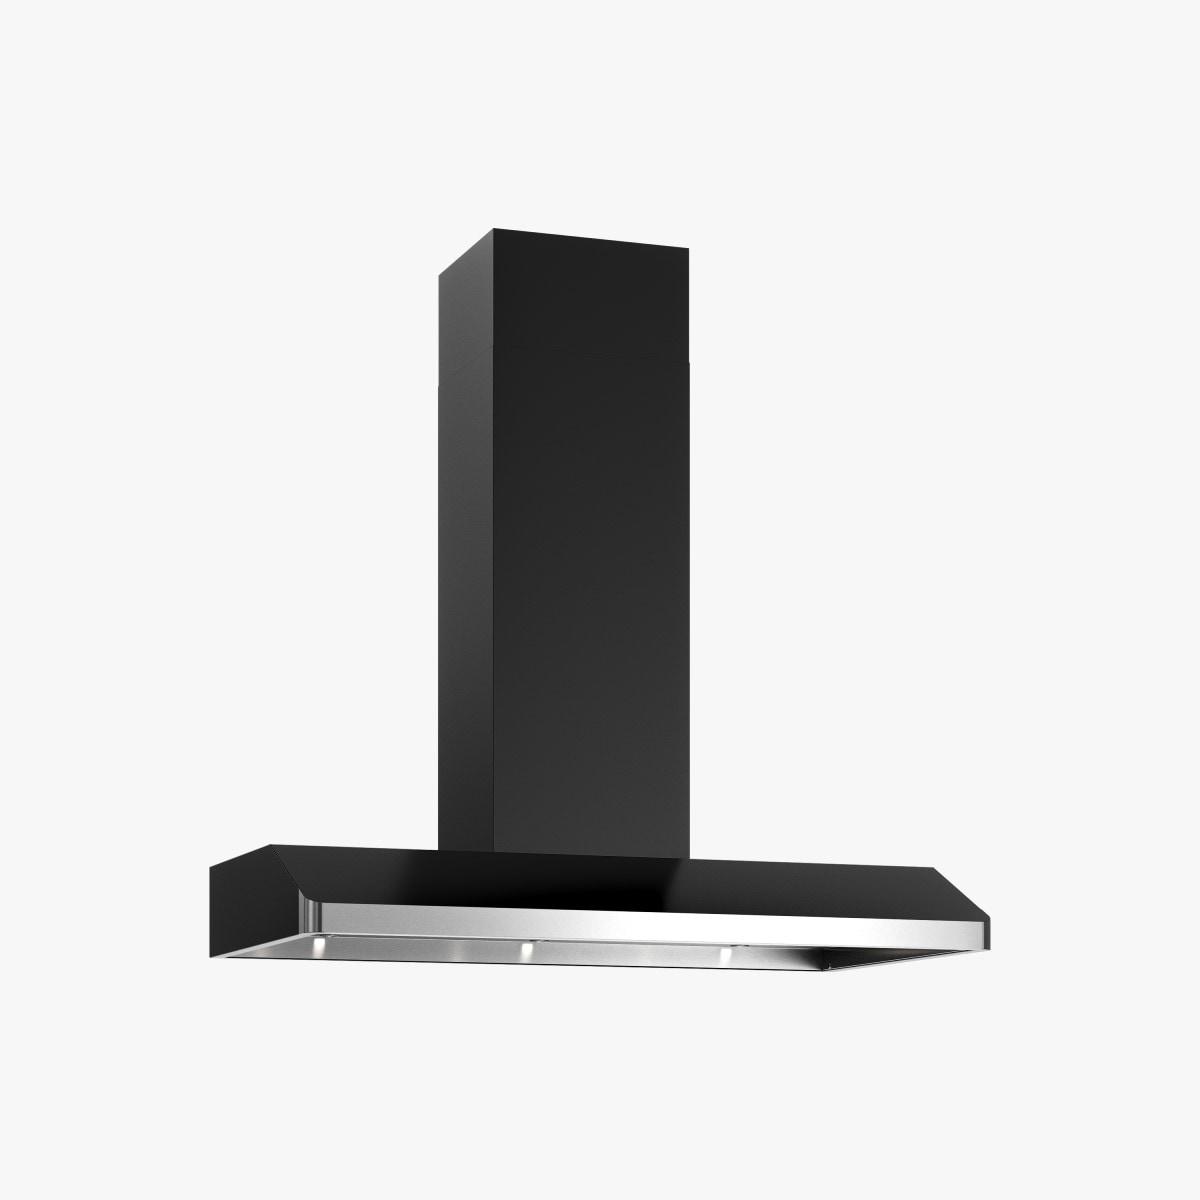 Produktbild på köksfläkten Replik 90 cm i svart utförande.